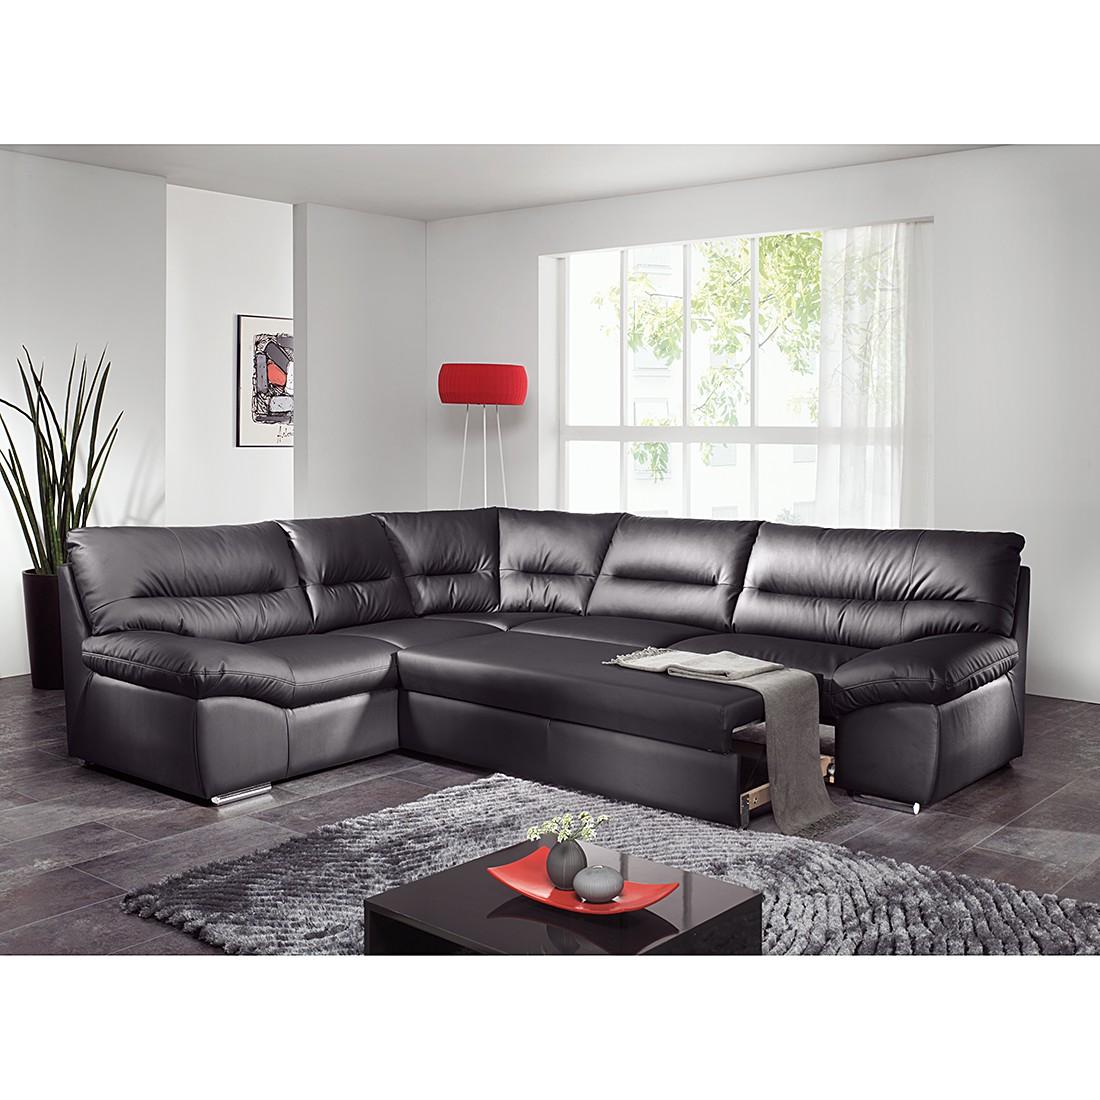 Landhaus ecksofa mit schlaffunktion  Jetzt bei Home24: Sofa mit Schlaffunktion von Cotta | Home24